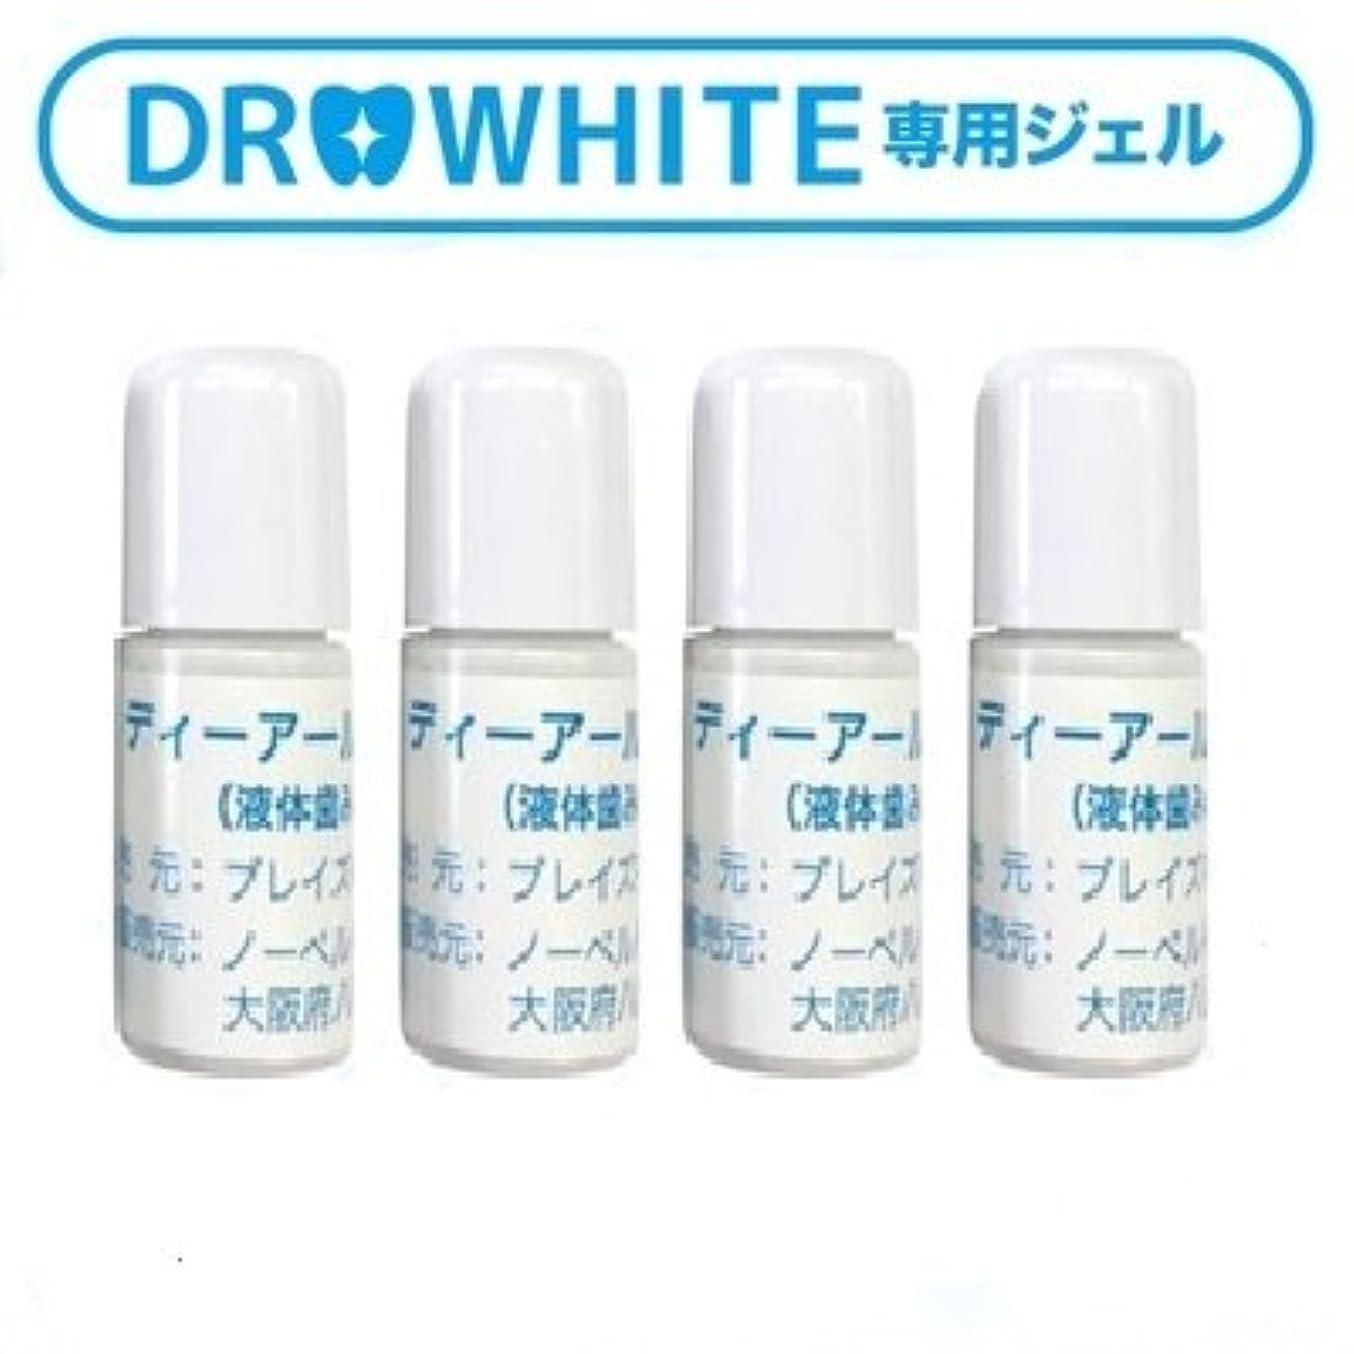 他に小売海軍DR.WHITE(ドクターホワイト)用 液体歯みがき4本